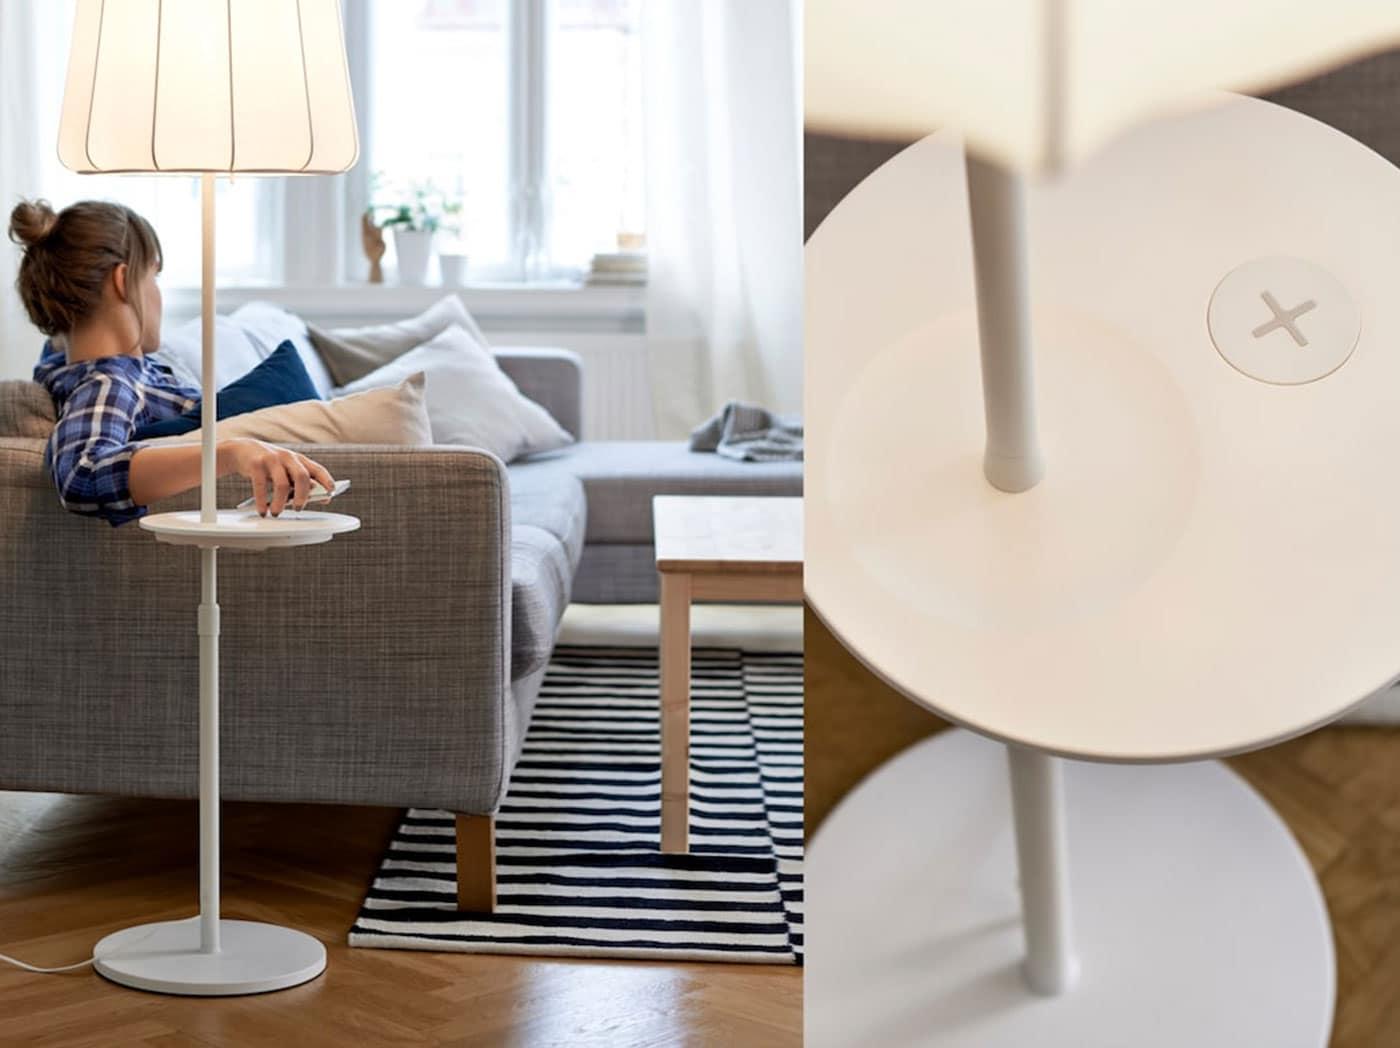 Žena na pohovce pokládá mobilní telefon na podstavec lampy vybavený bezdrátovou dobíječkou.